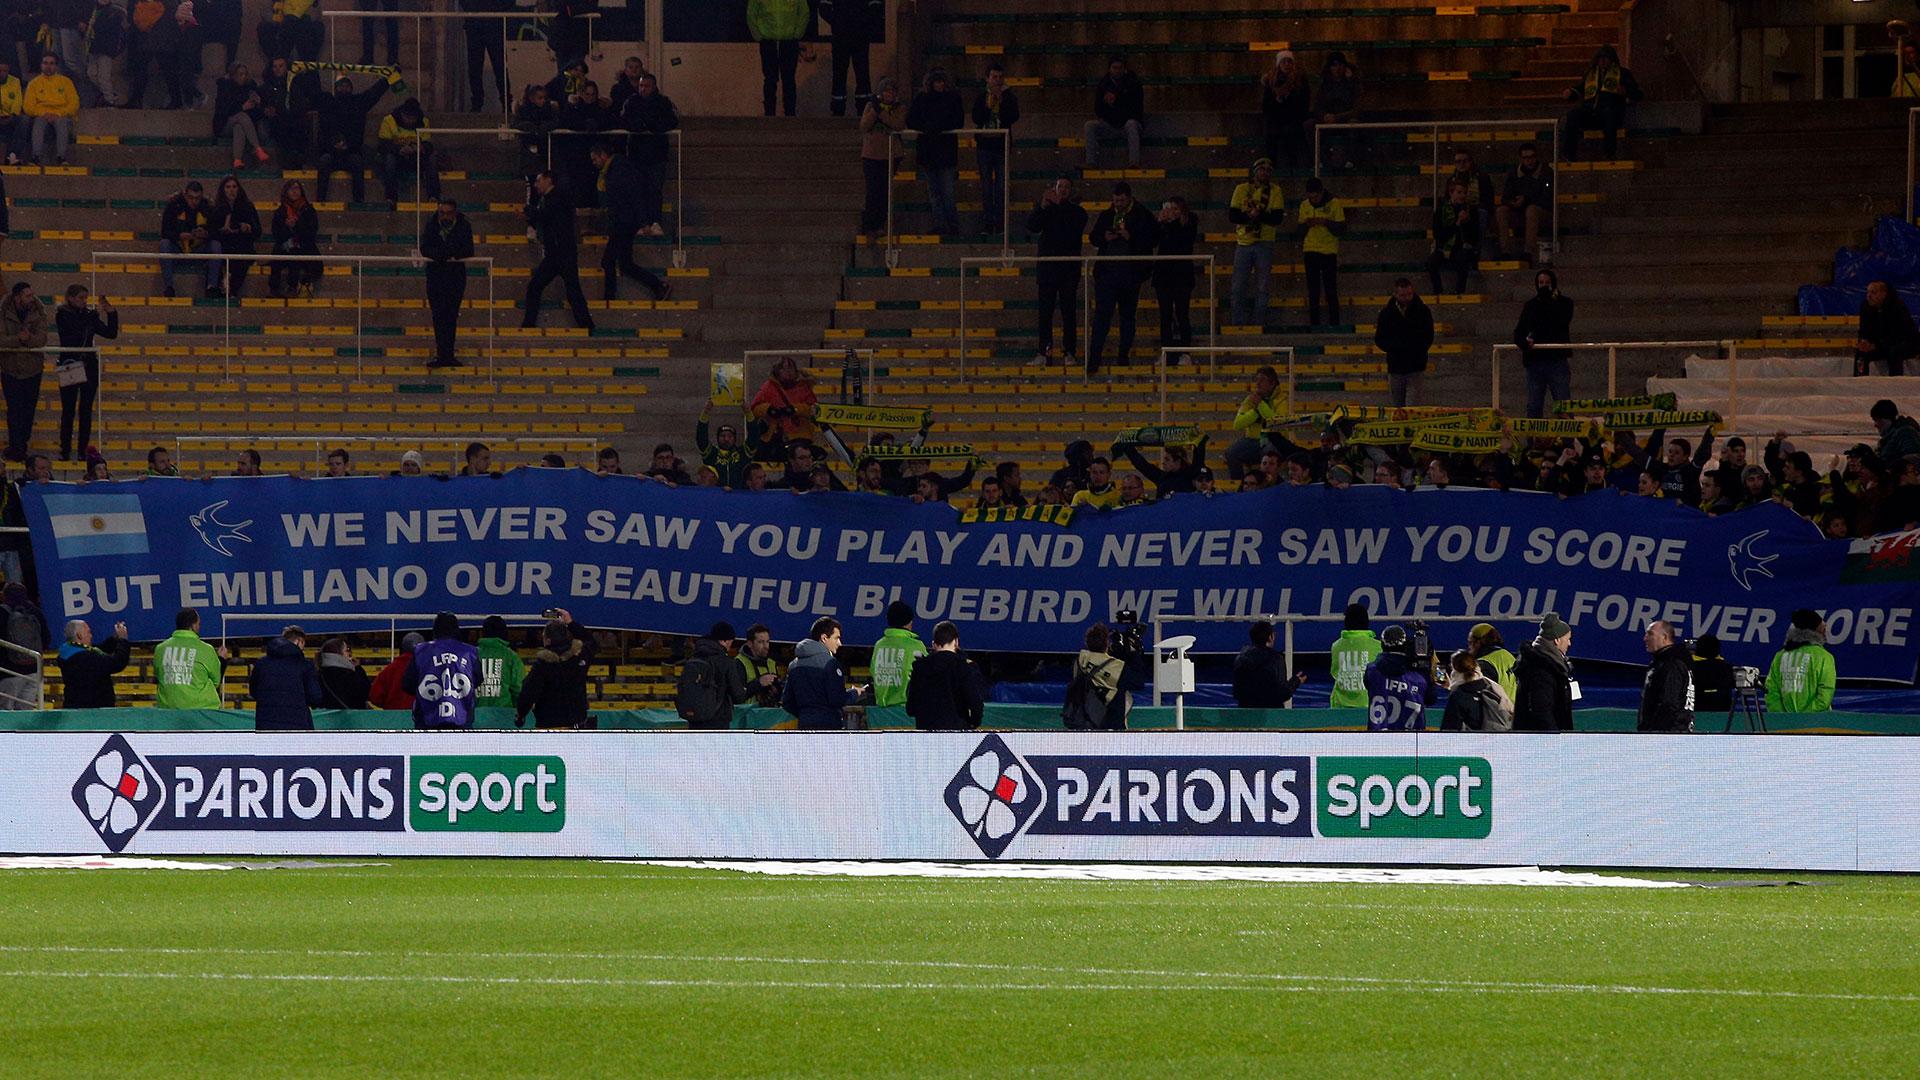 El Nantes no había vuelto a jugar desde entonces